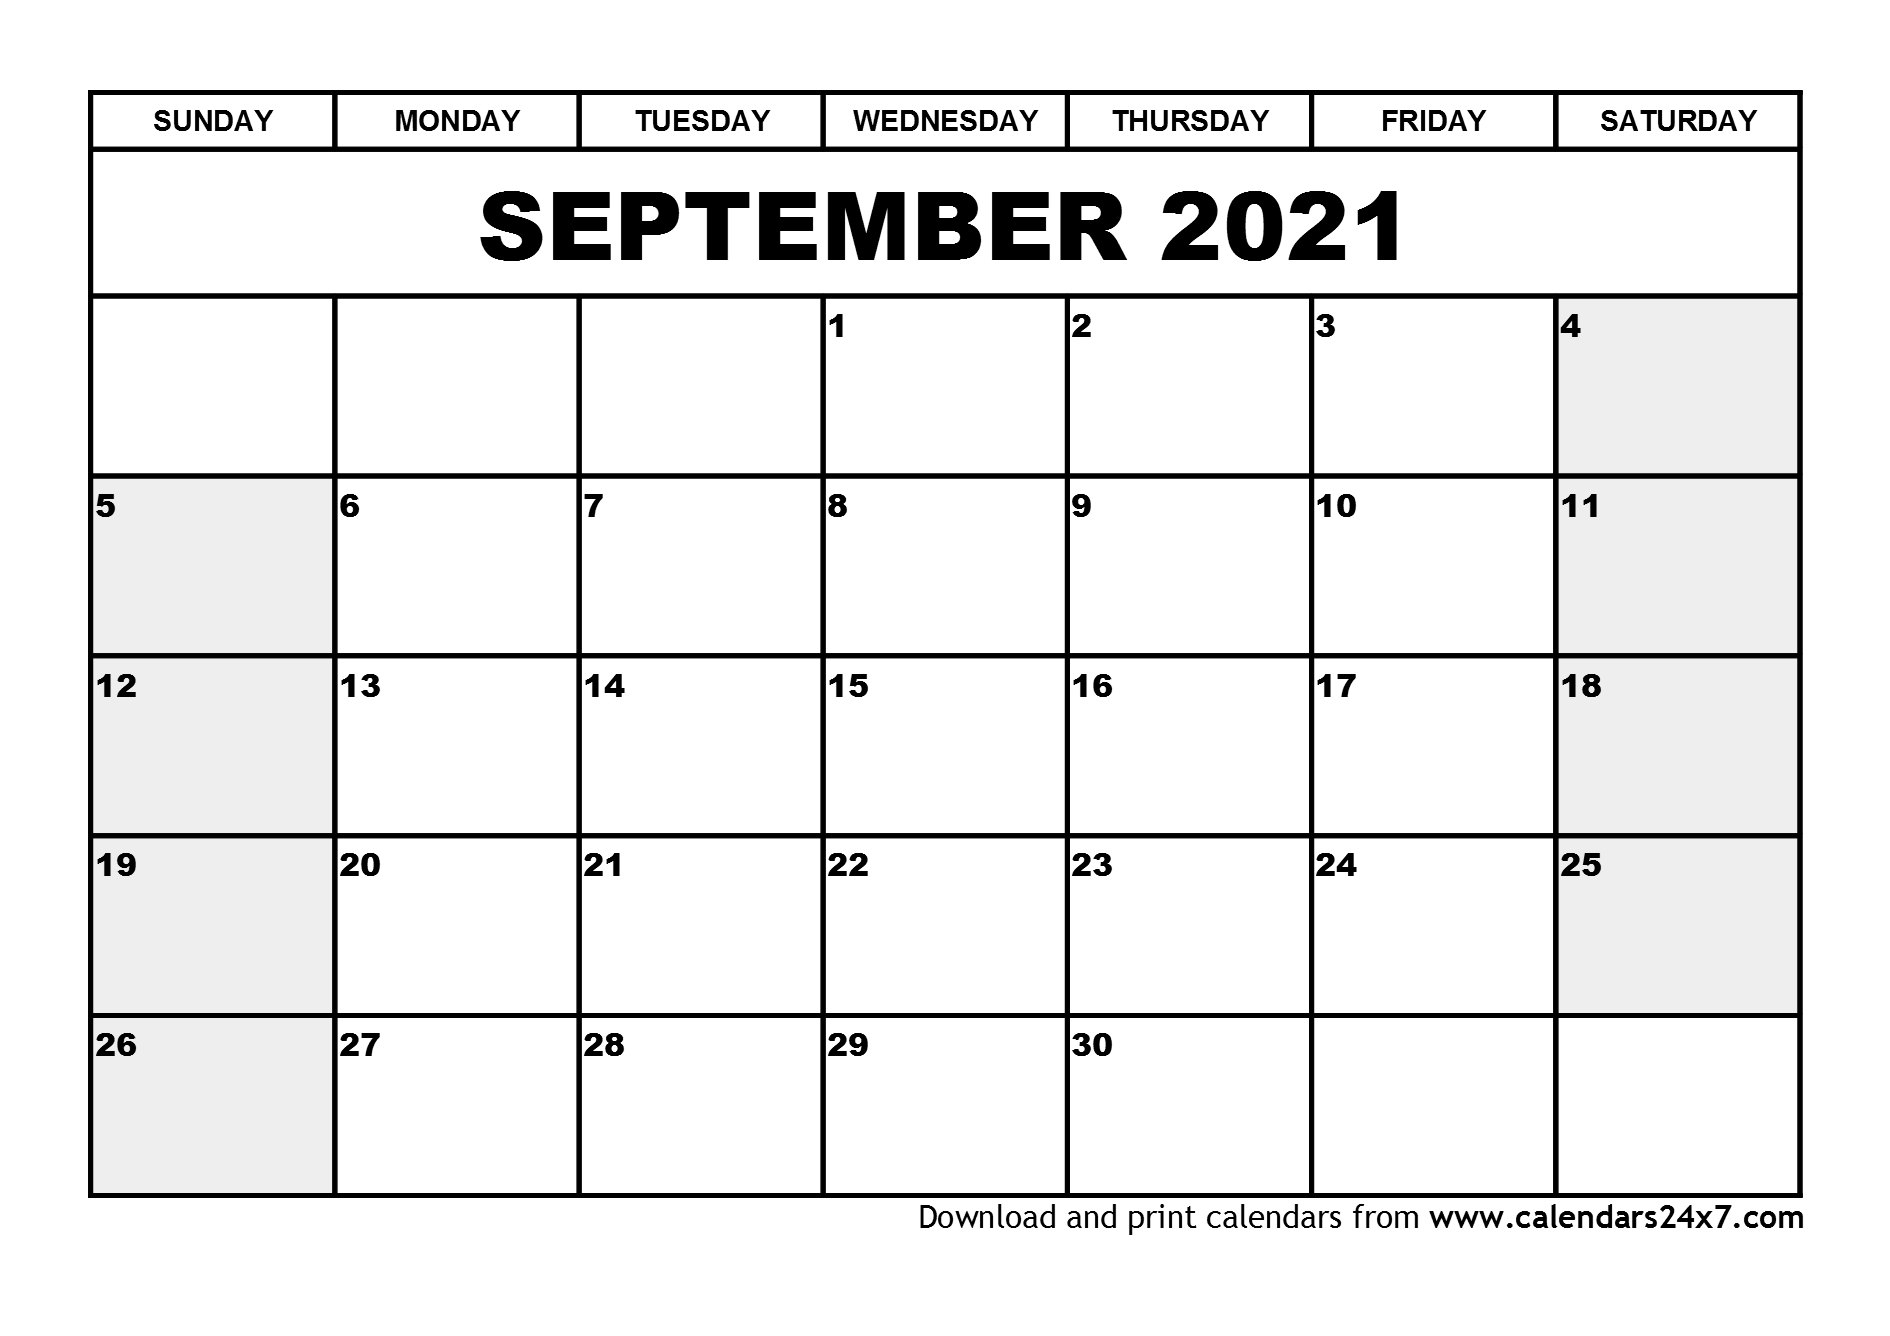 September 2021 Calendar & October 2021 Calendar